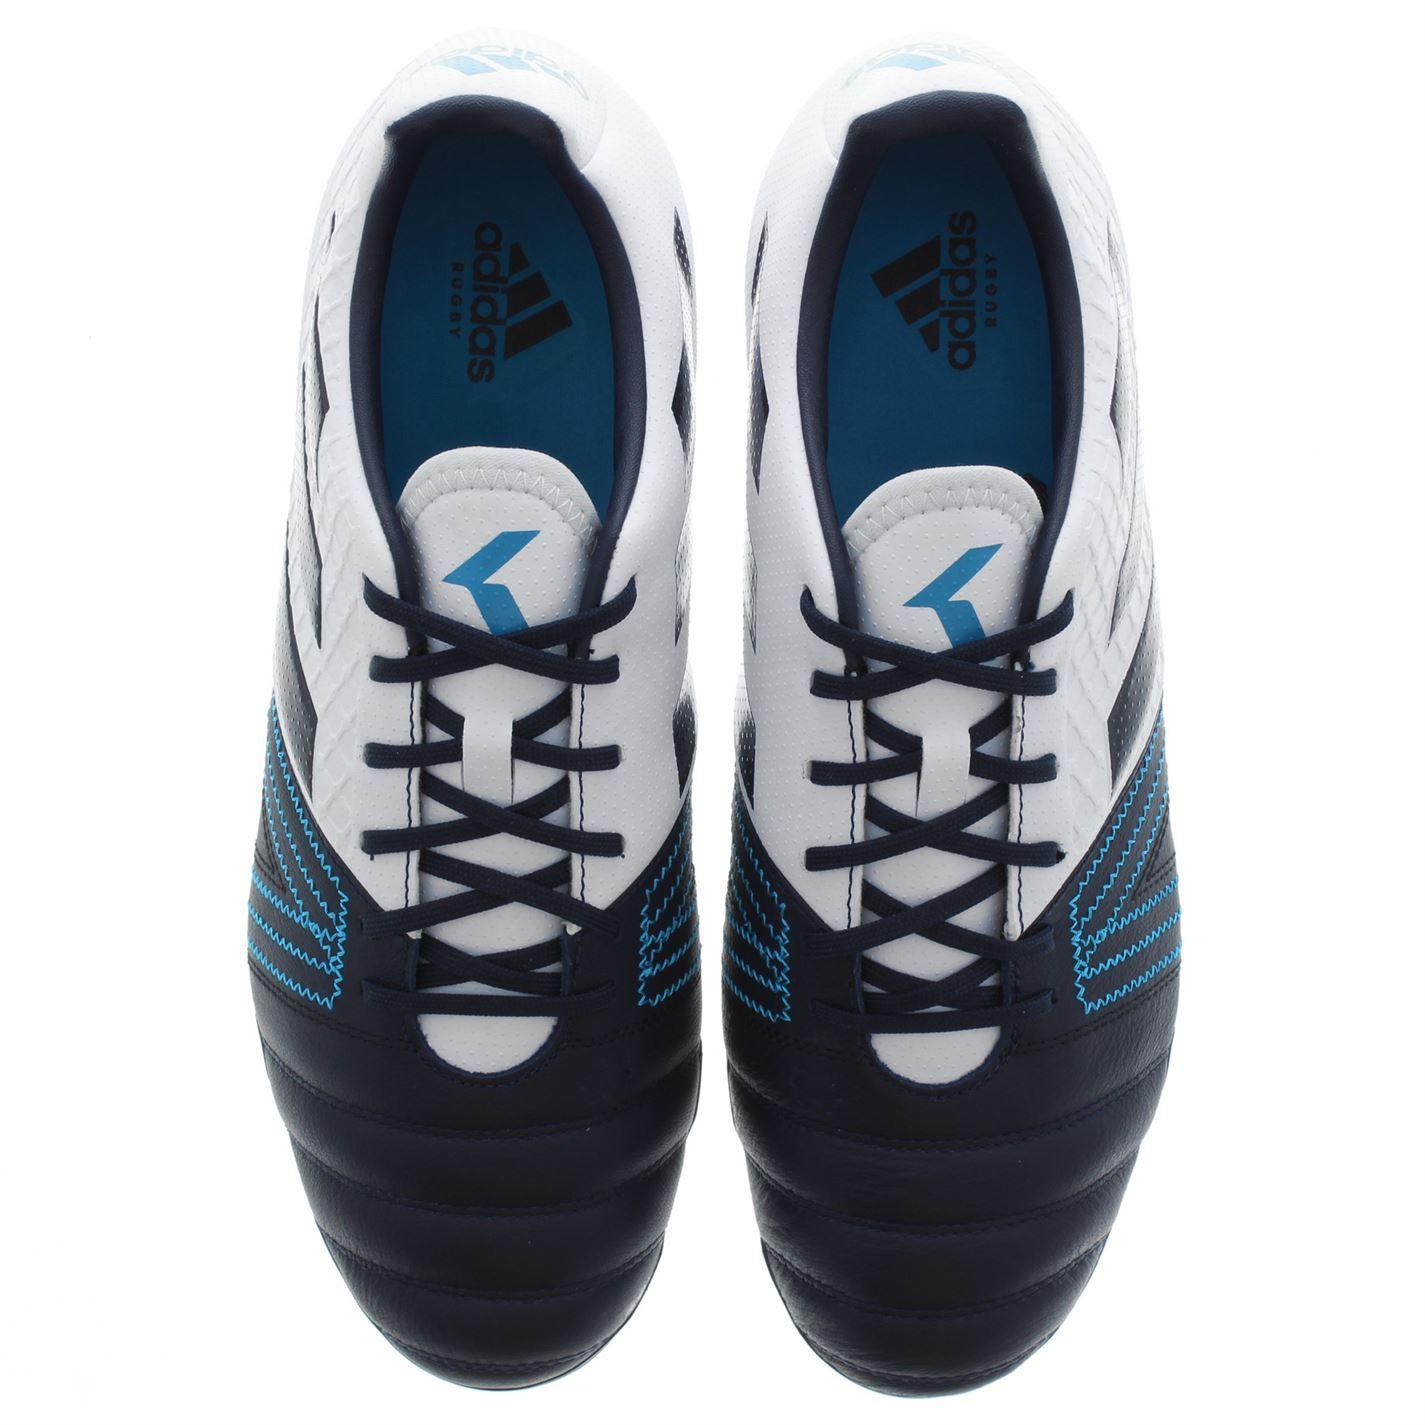 052efc1e ... Adidas Kakari Elite SG para hombre Rugby Unión botas azul zapatillas  calzado